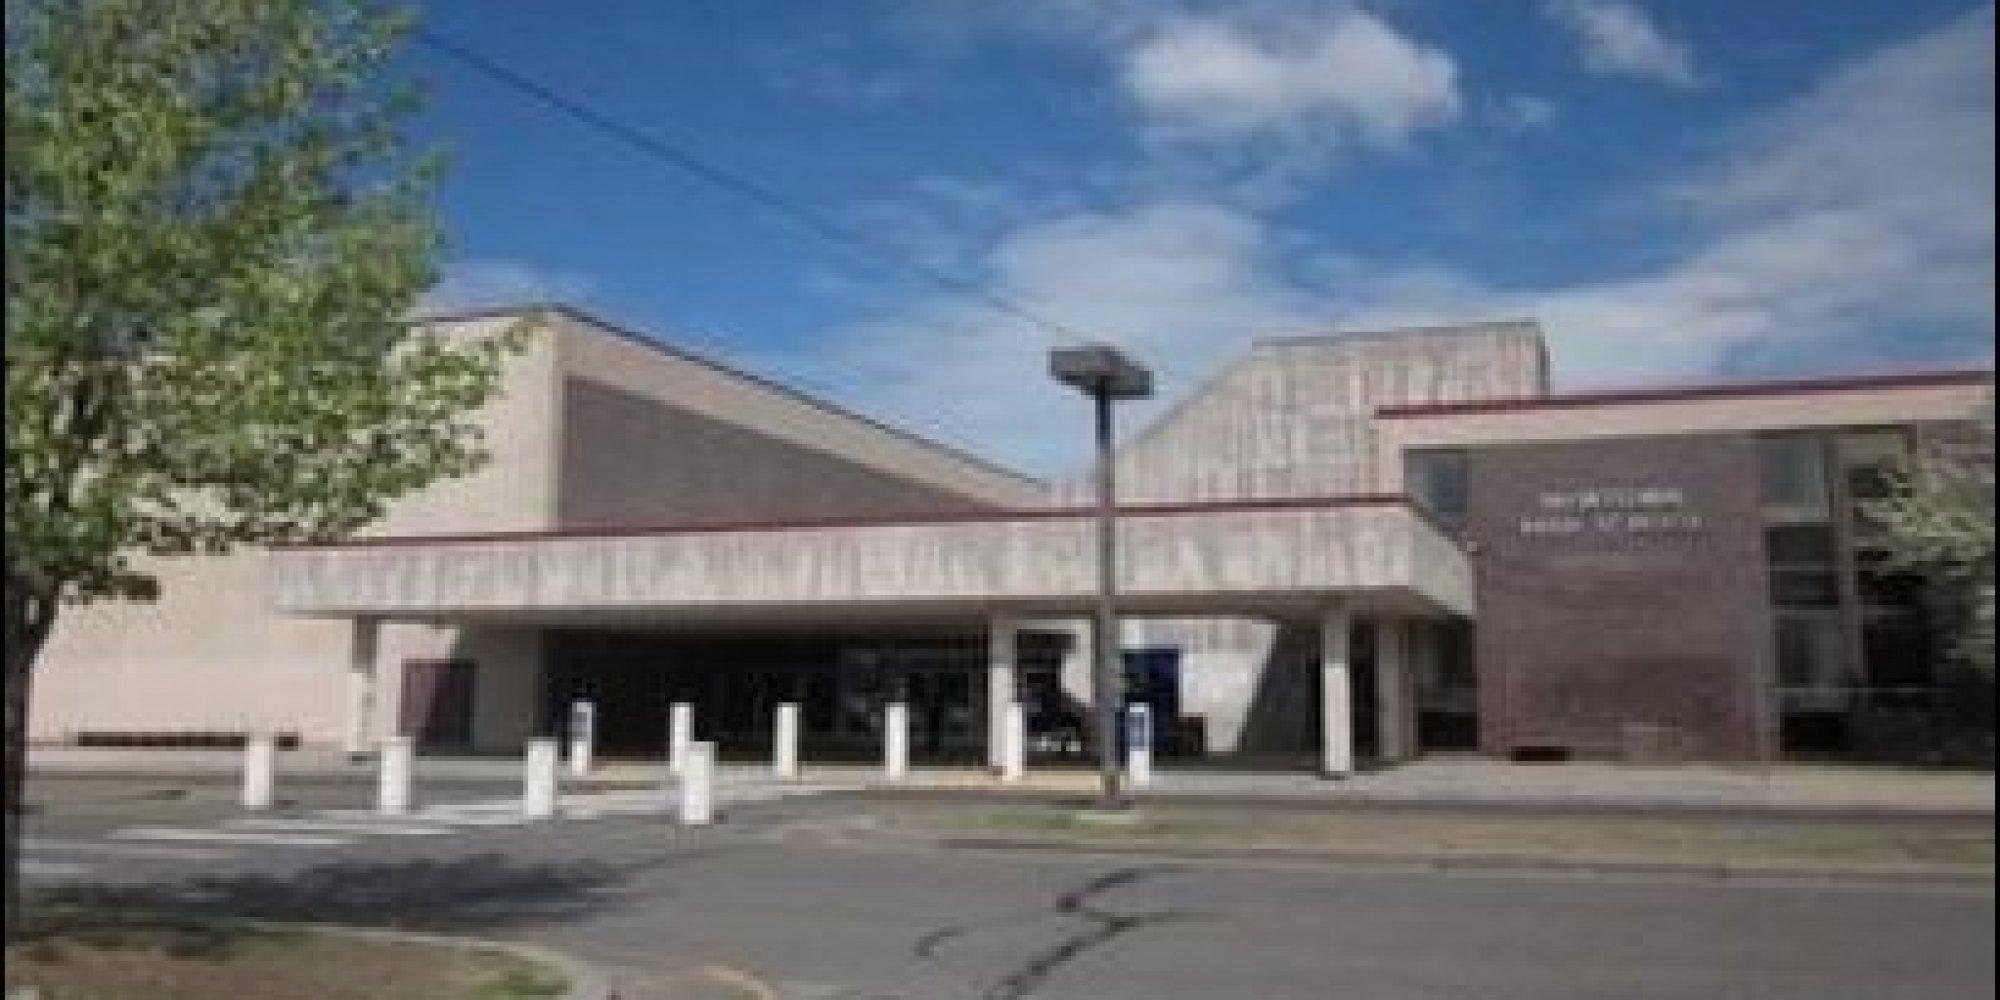 Locke High School Shooting Newtown High School Locked-in